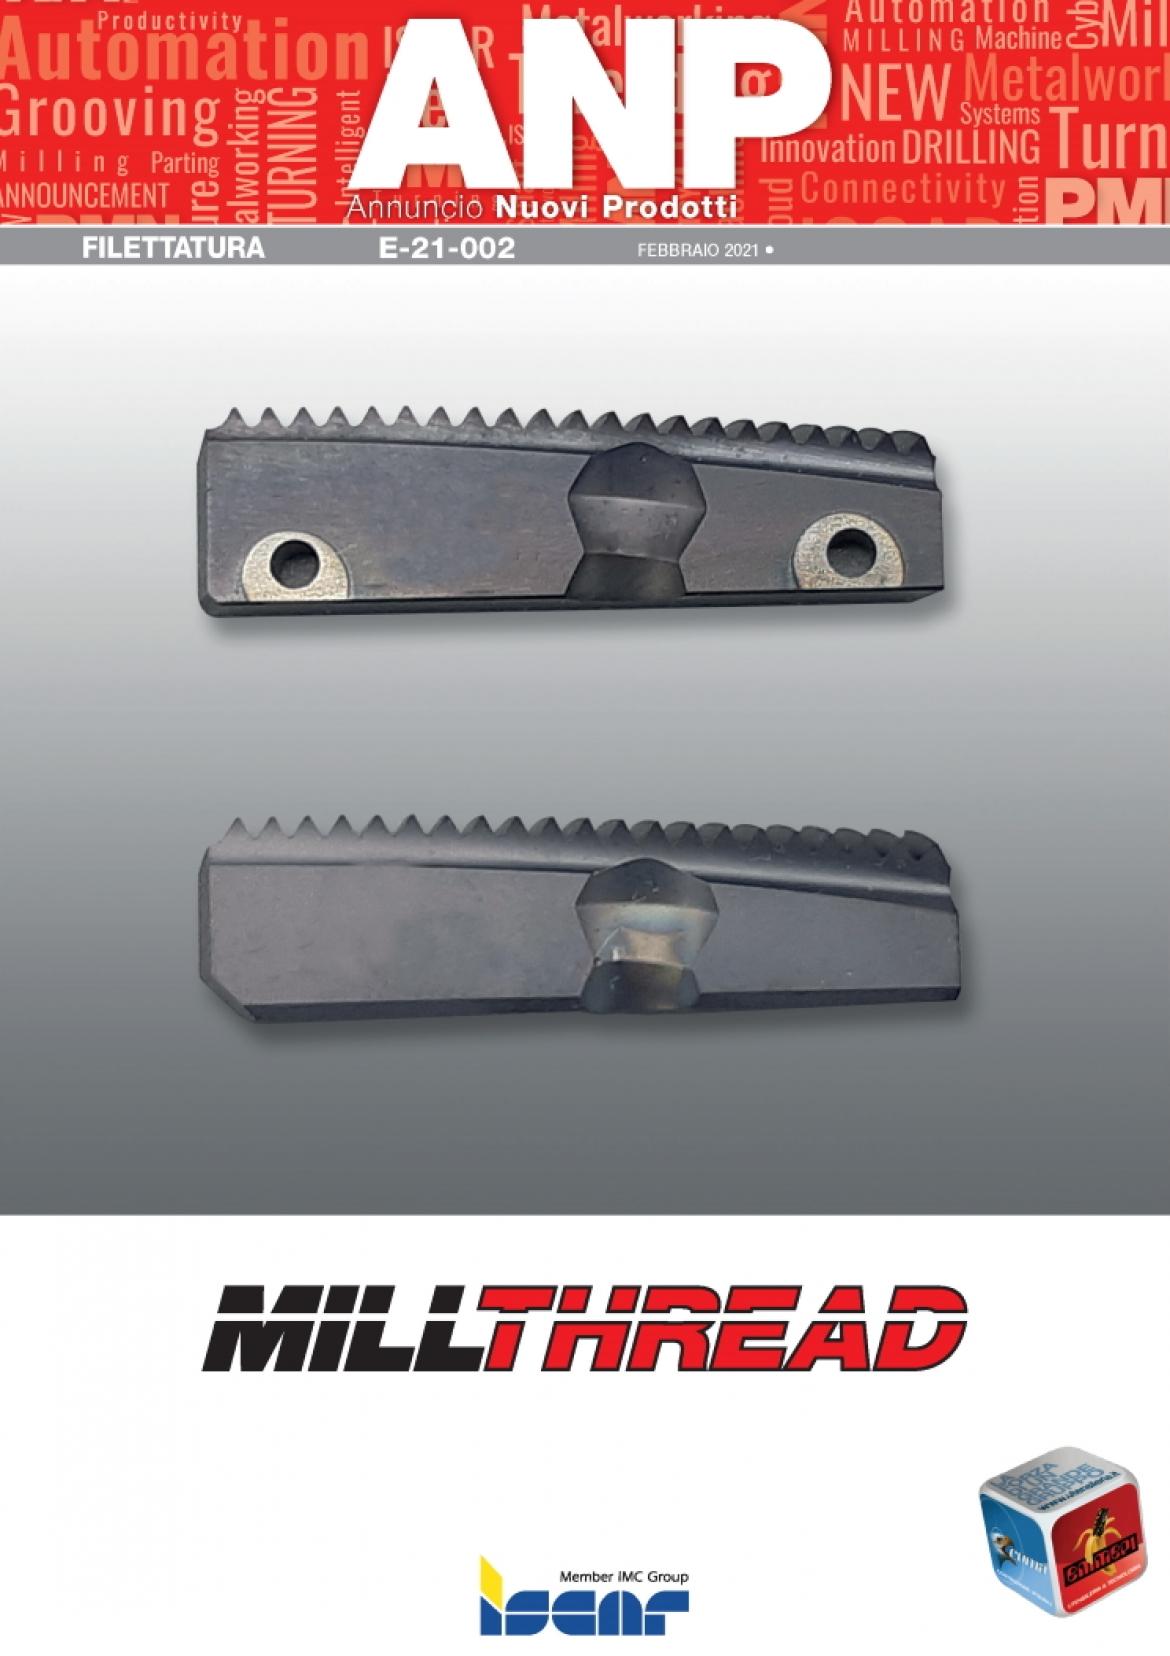 e-21-002-modifica-inserti-millthread